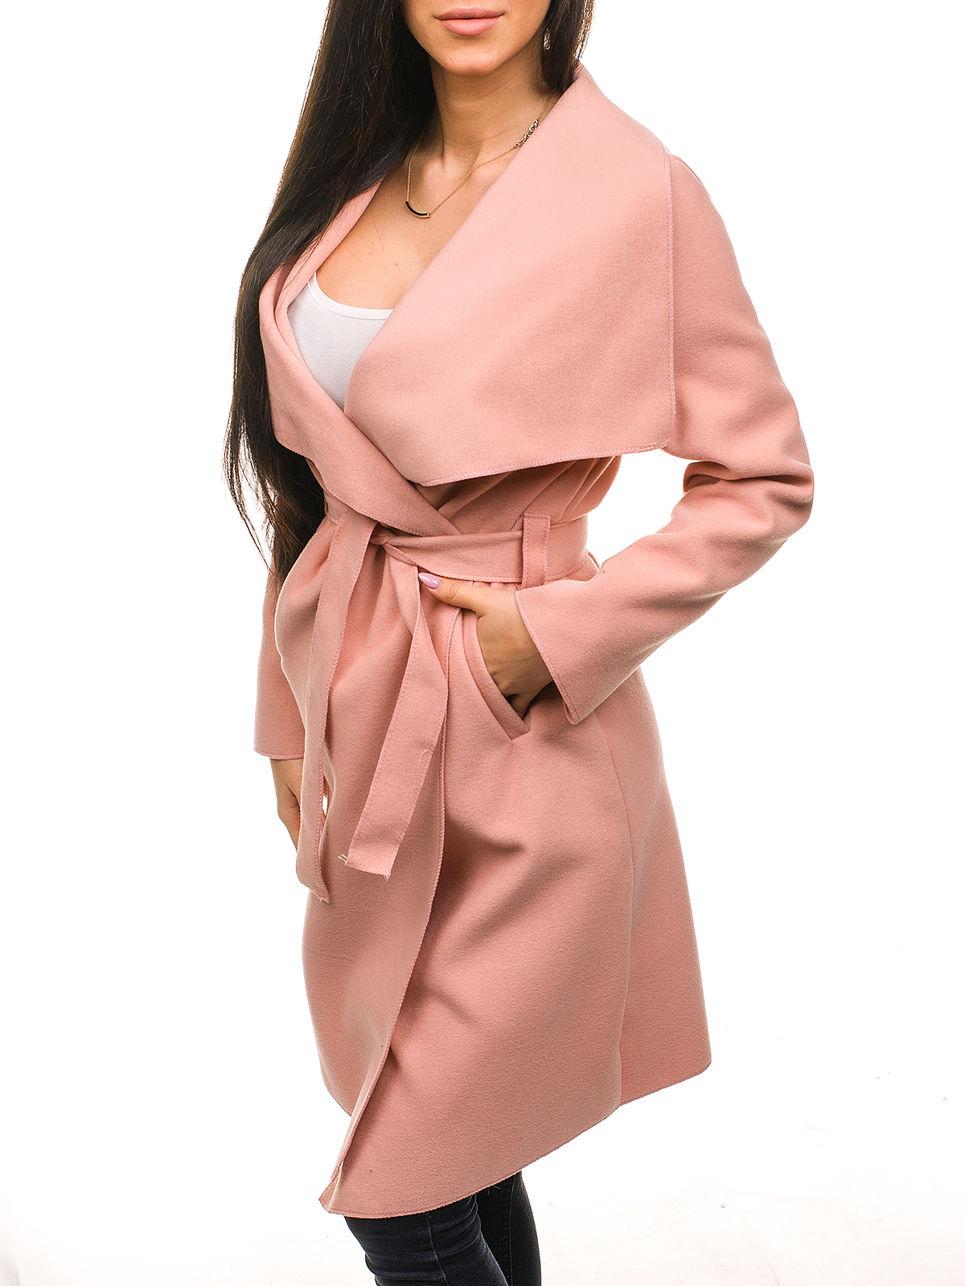 пальто весна 2019 цвета: розовое с карманами под пояс